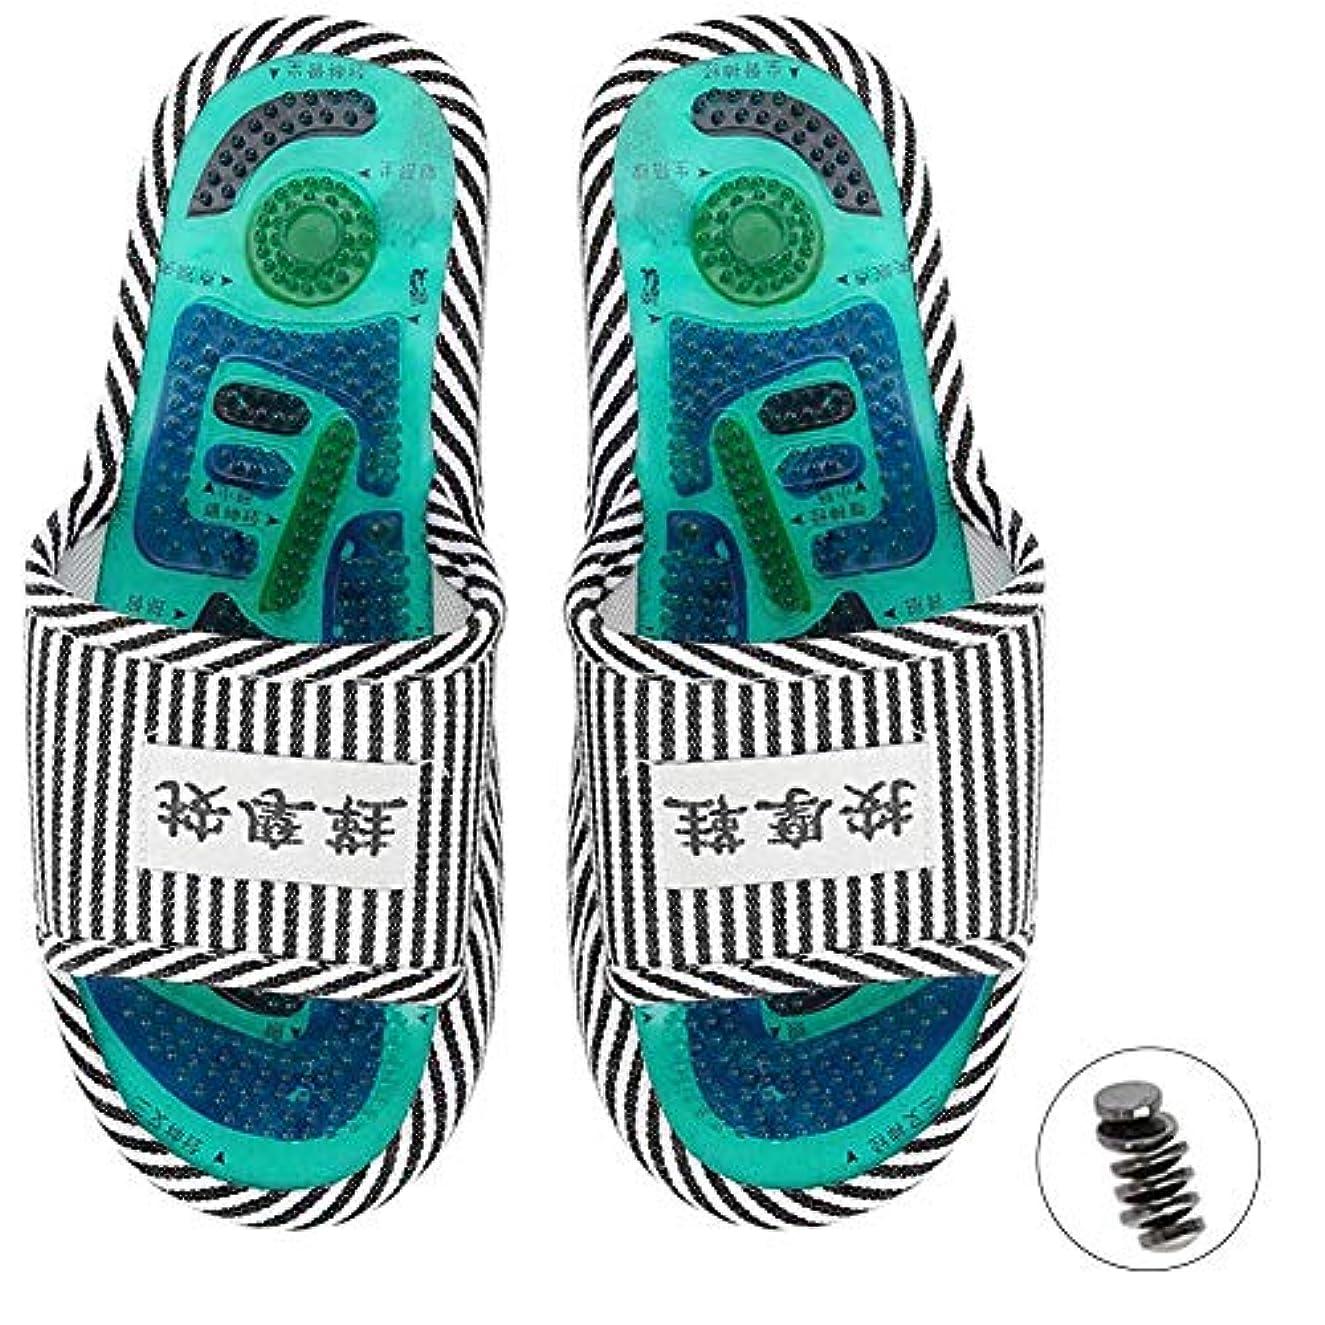 懐疑的逸脱方程式マッサージスリッパ、足指圧マッサージ 磁気ストーン 健康な足のケア マッサージボール 男性女性用(1)